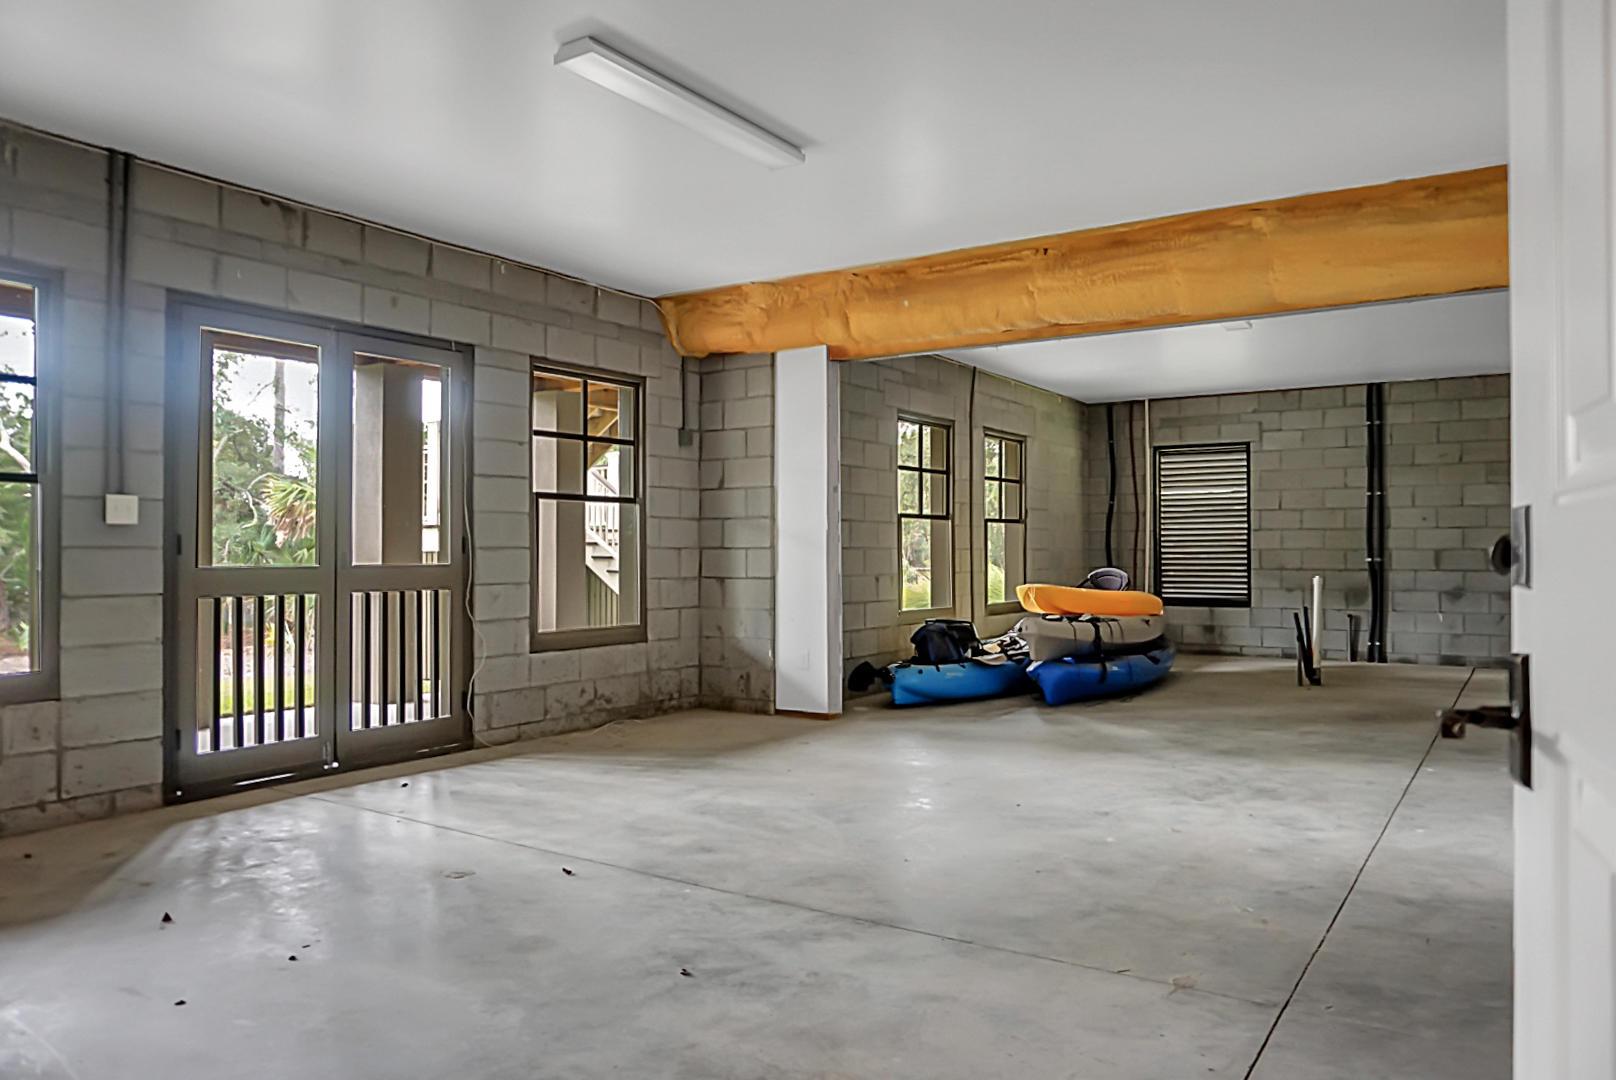 Dunes West Homes For Sale - 2978 River Vista, Mount Pleasant, SC - 78